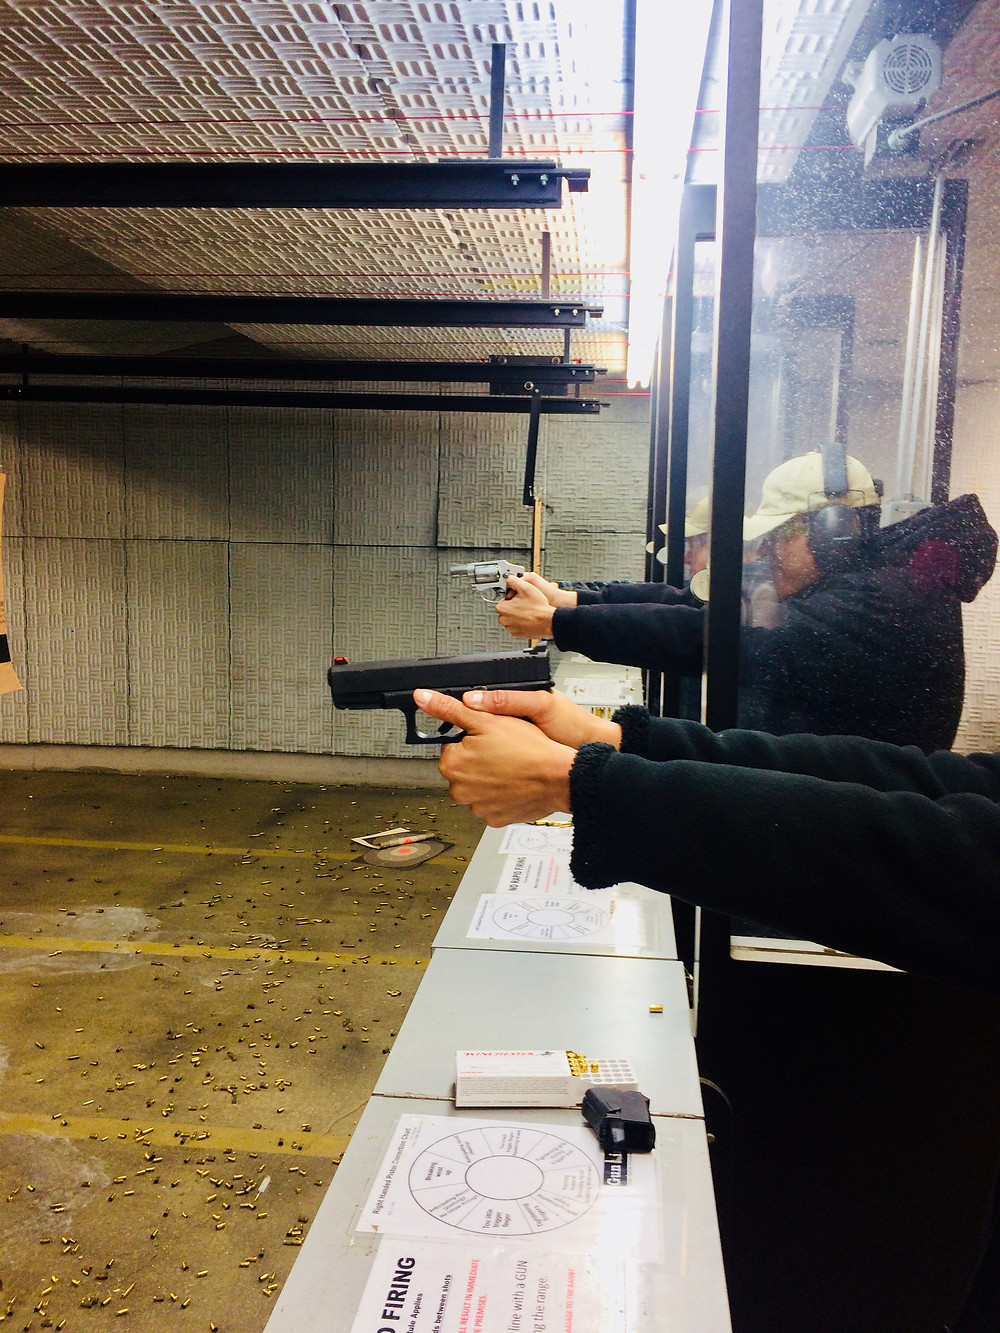 Guns pointed downrange, always.